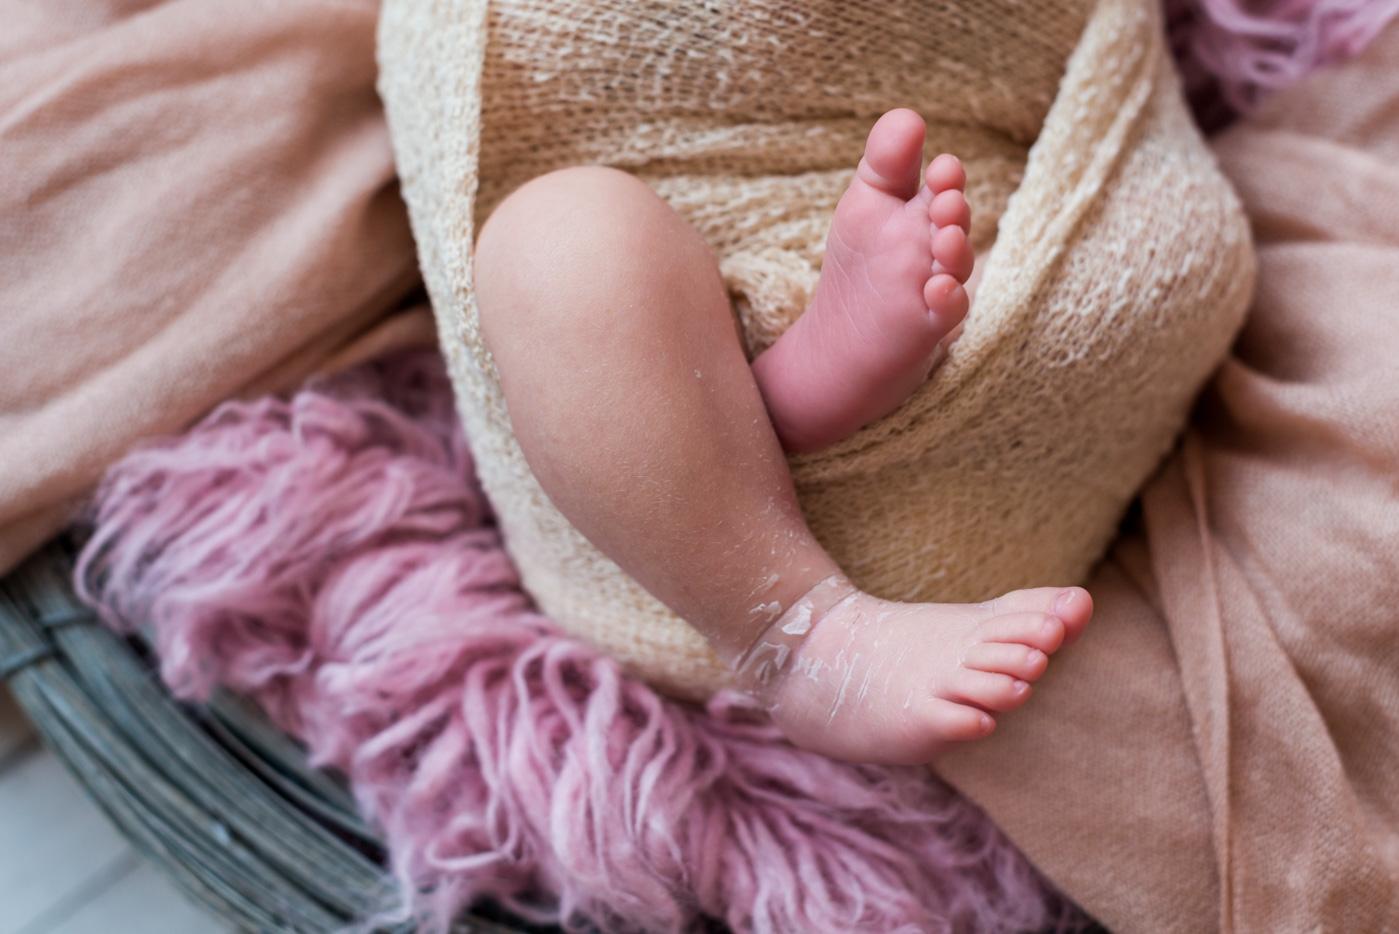 Shanone naissance 22.07.17 1400px-3039